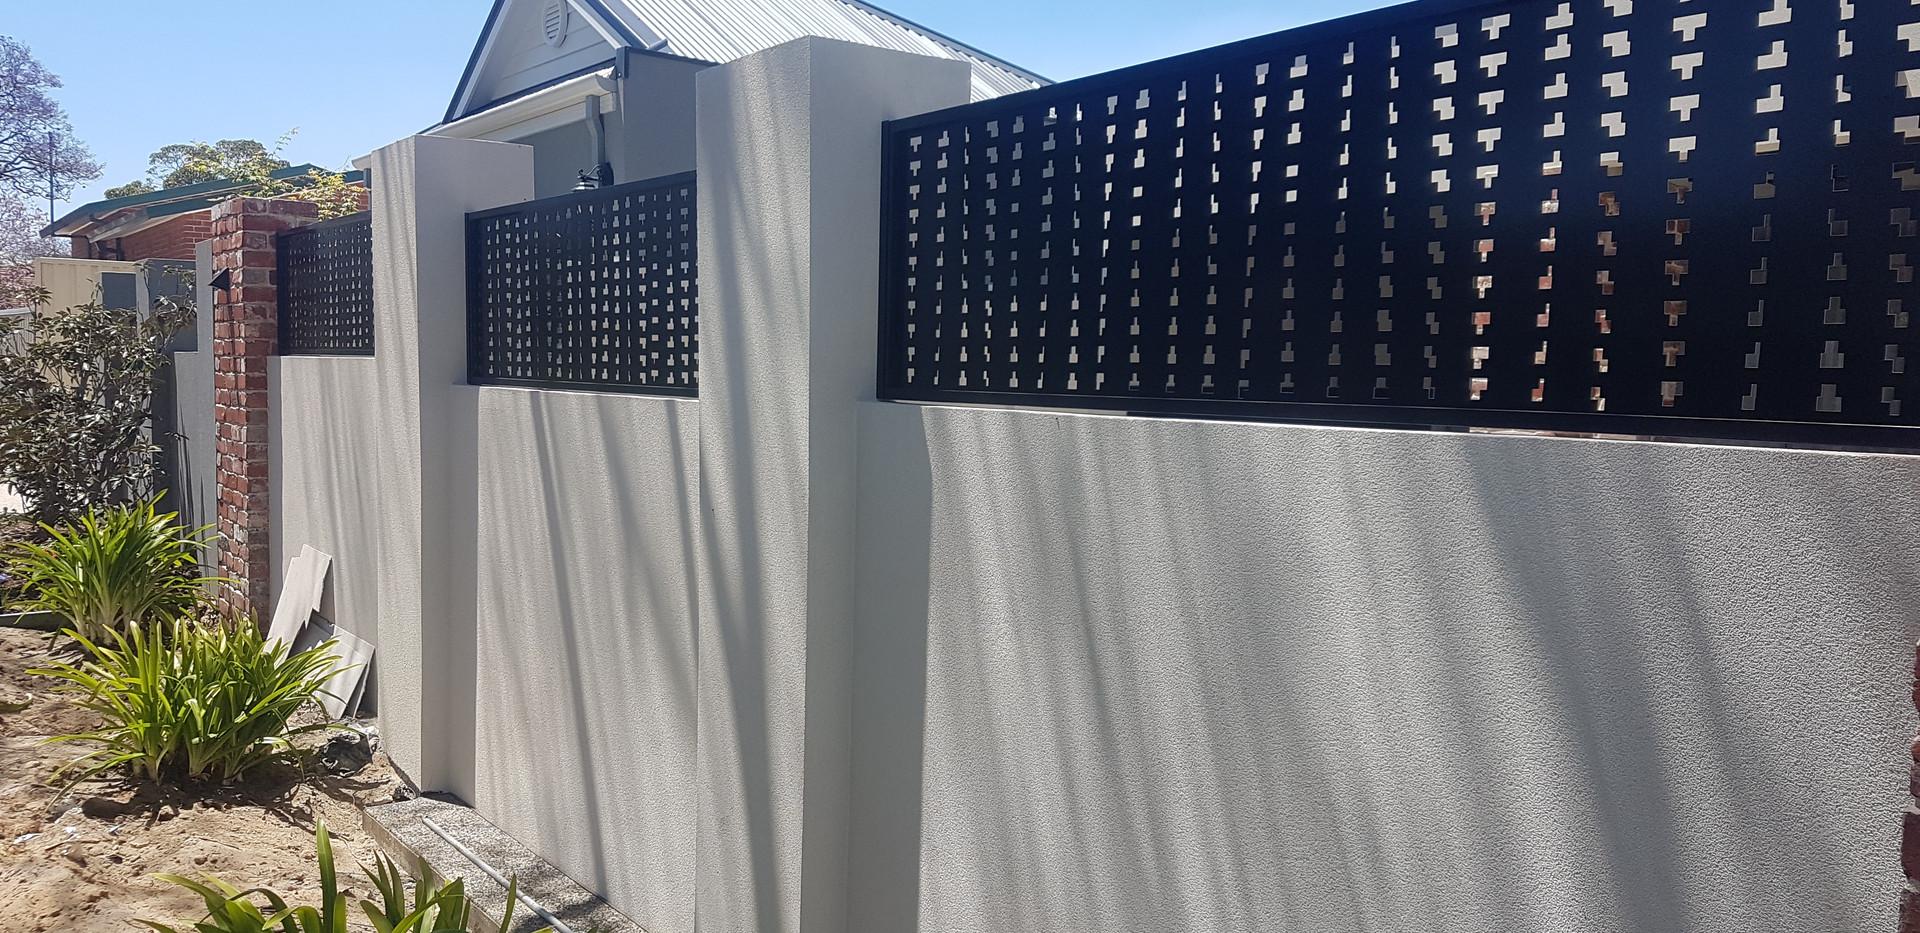 Aluminium Fence - Black